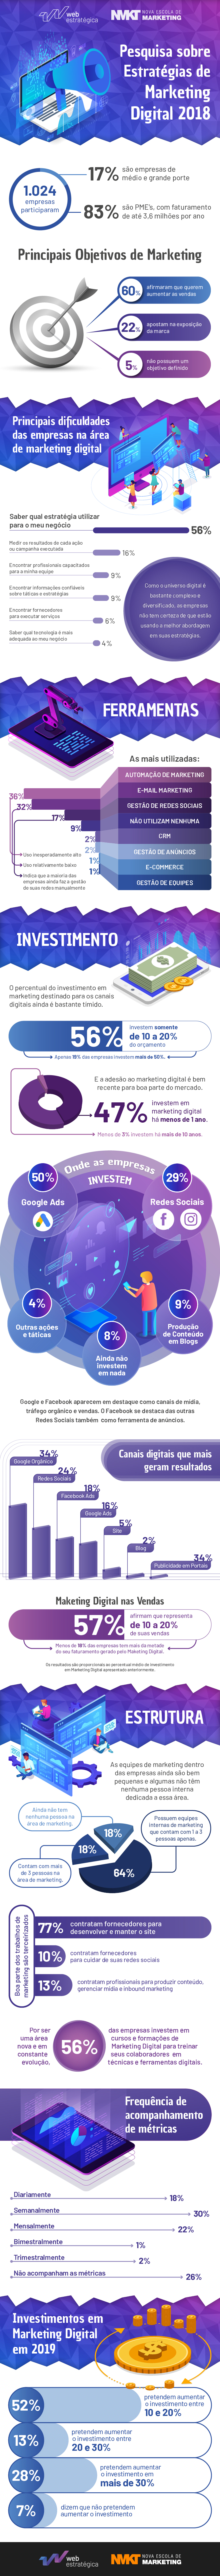 Infográfico Pesquisa Estratégias de Marketing Digital- 2018